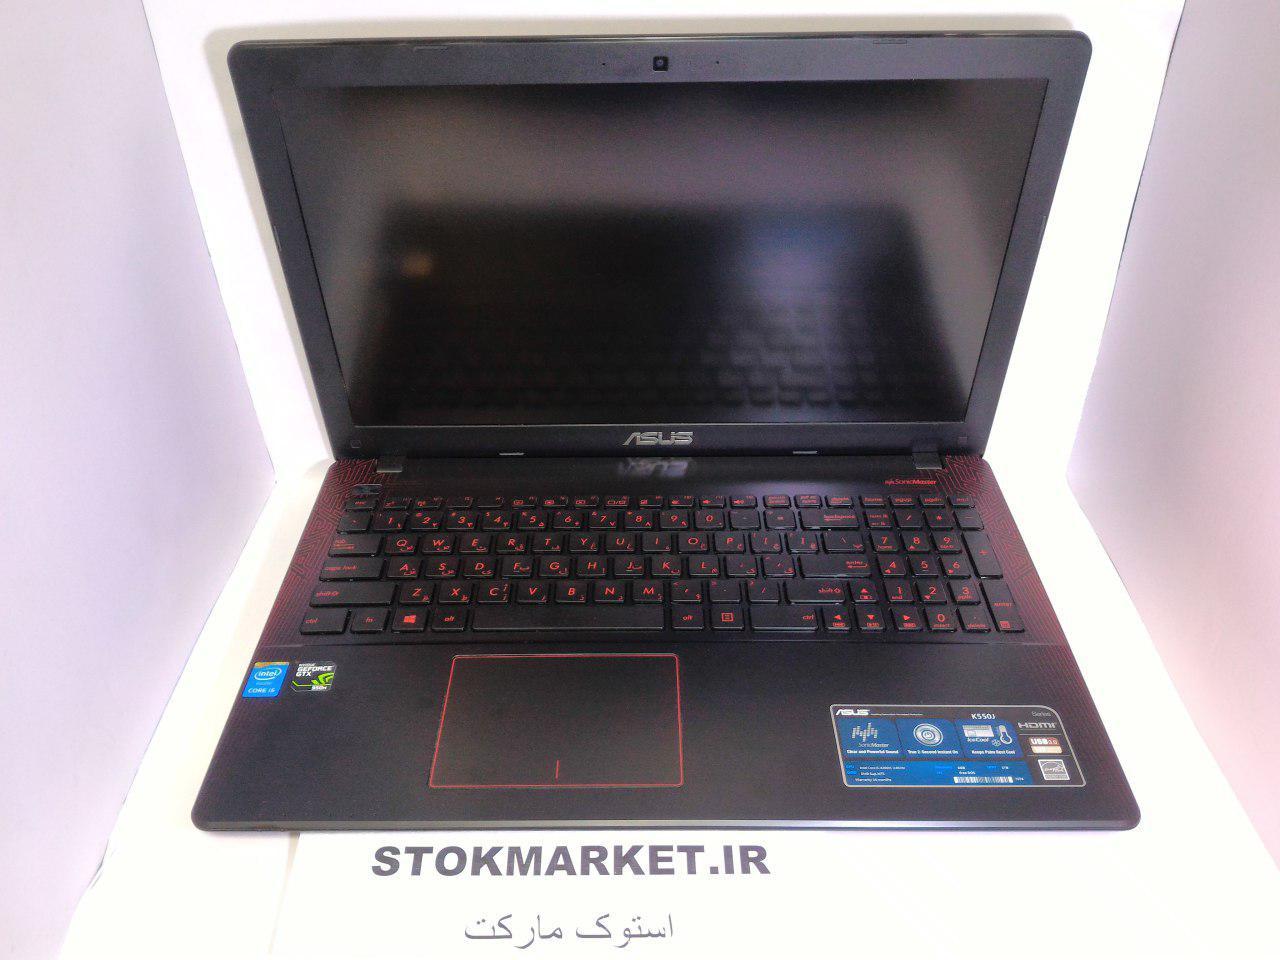 لپ تاپ دست دوم ایسوس مدل ASUS K550jx